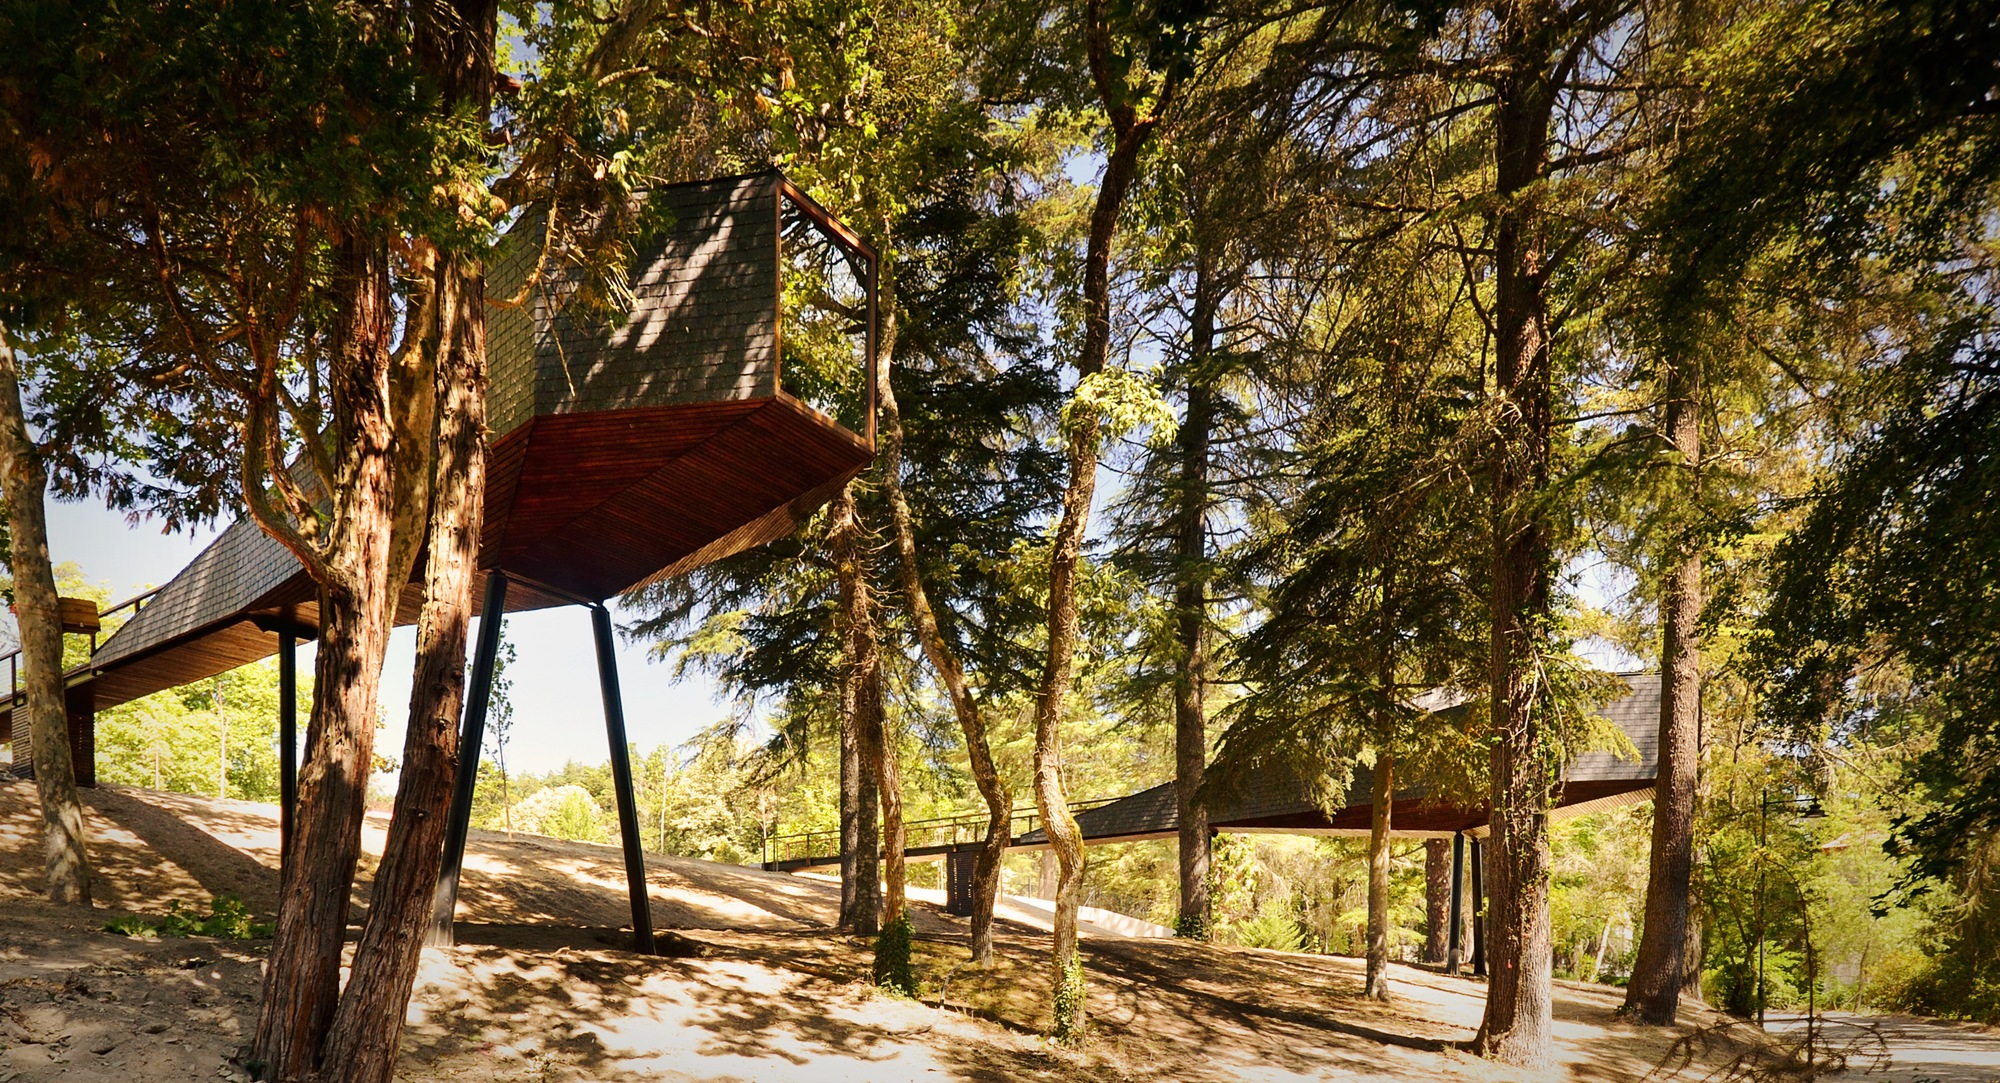 Tree Snake House is a Lofted Luxury Getaway by Pedras Salgadas Park, Luís and Tiago Rebelo de Andrade